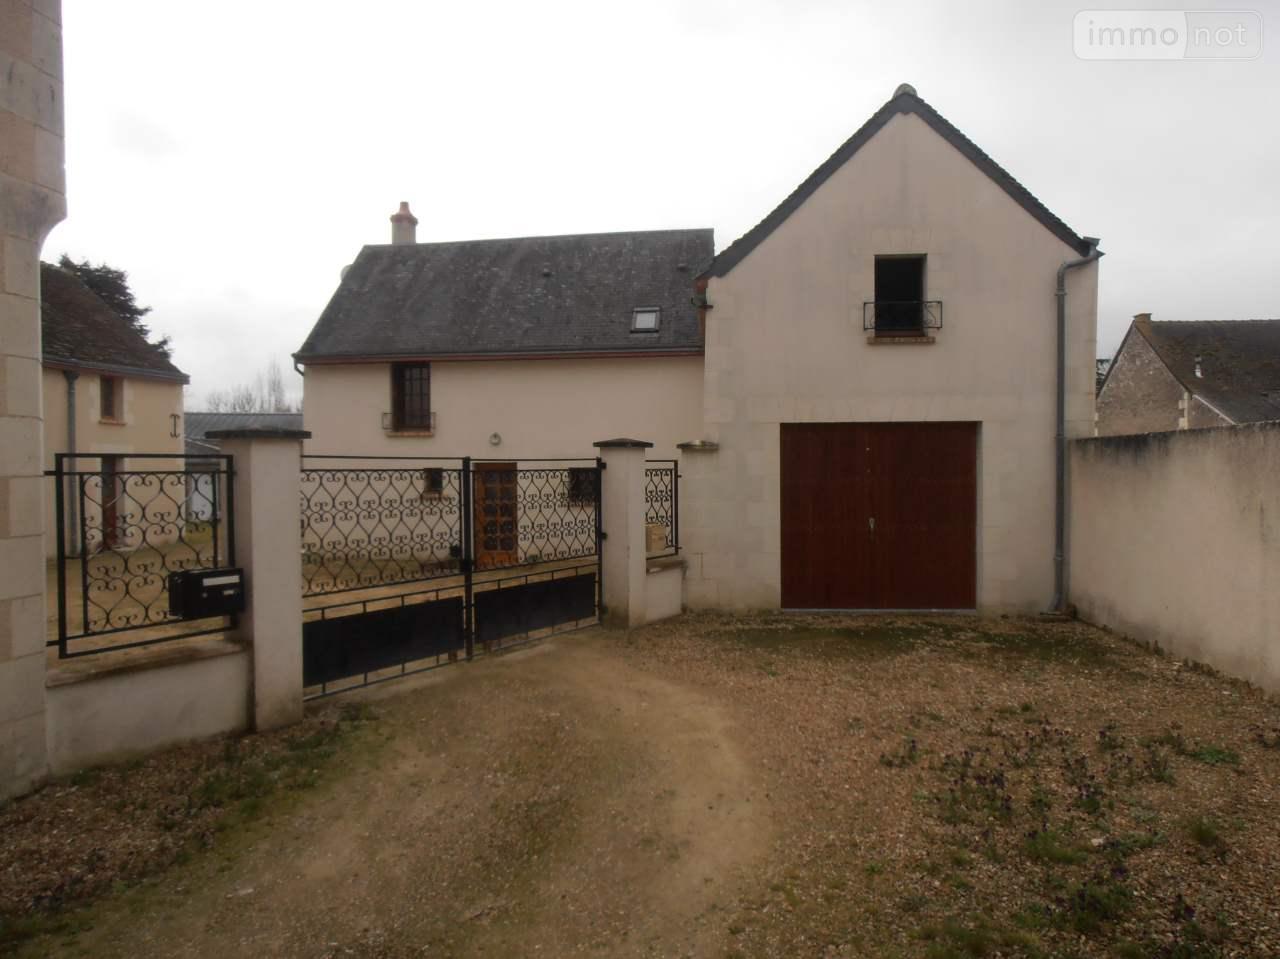 Maison a vendre Channay-sur-Lathan 37330 Indre-et-Loire 170 m2 9 pièces 296460 euros